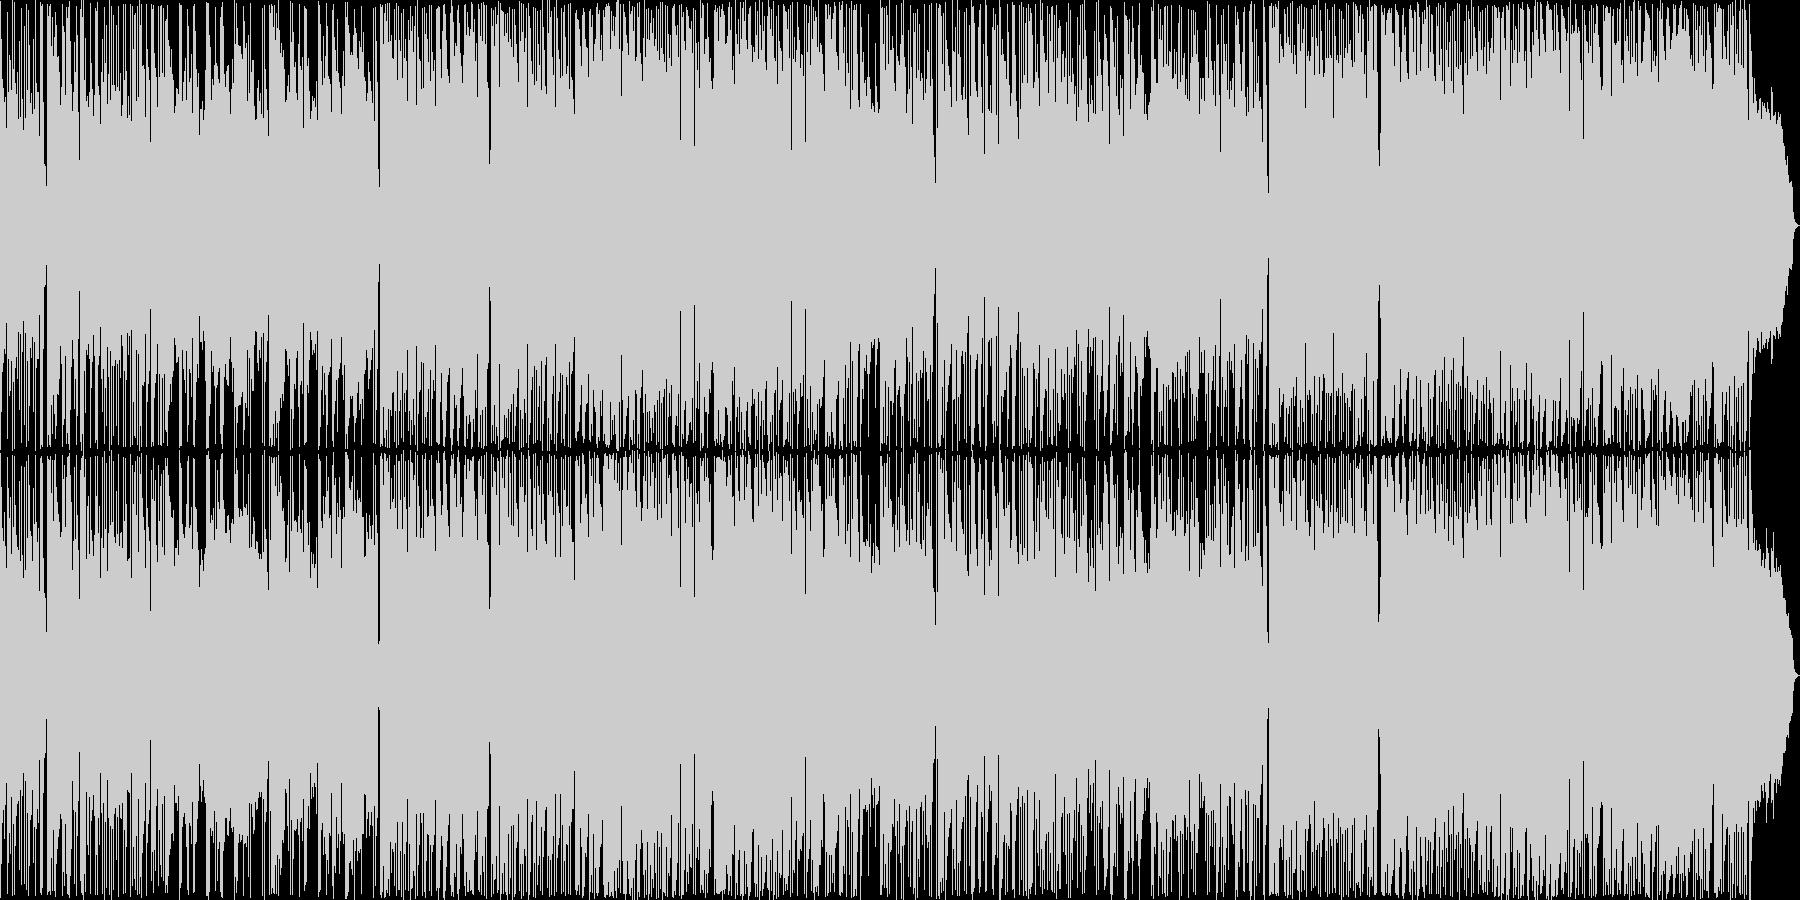 フルートの美しい旋律が特徴的なバラードの未再生の波形